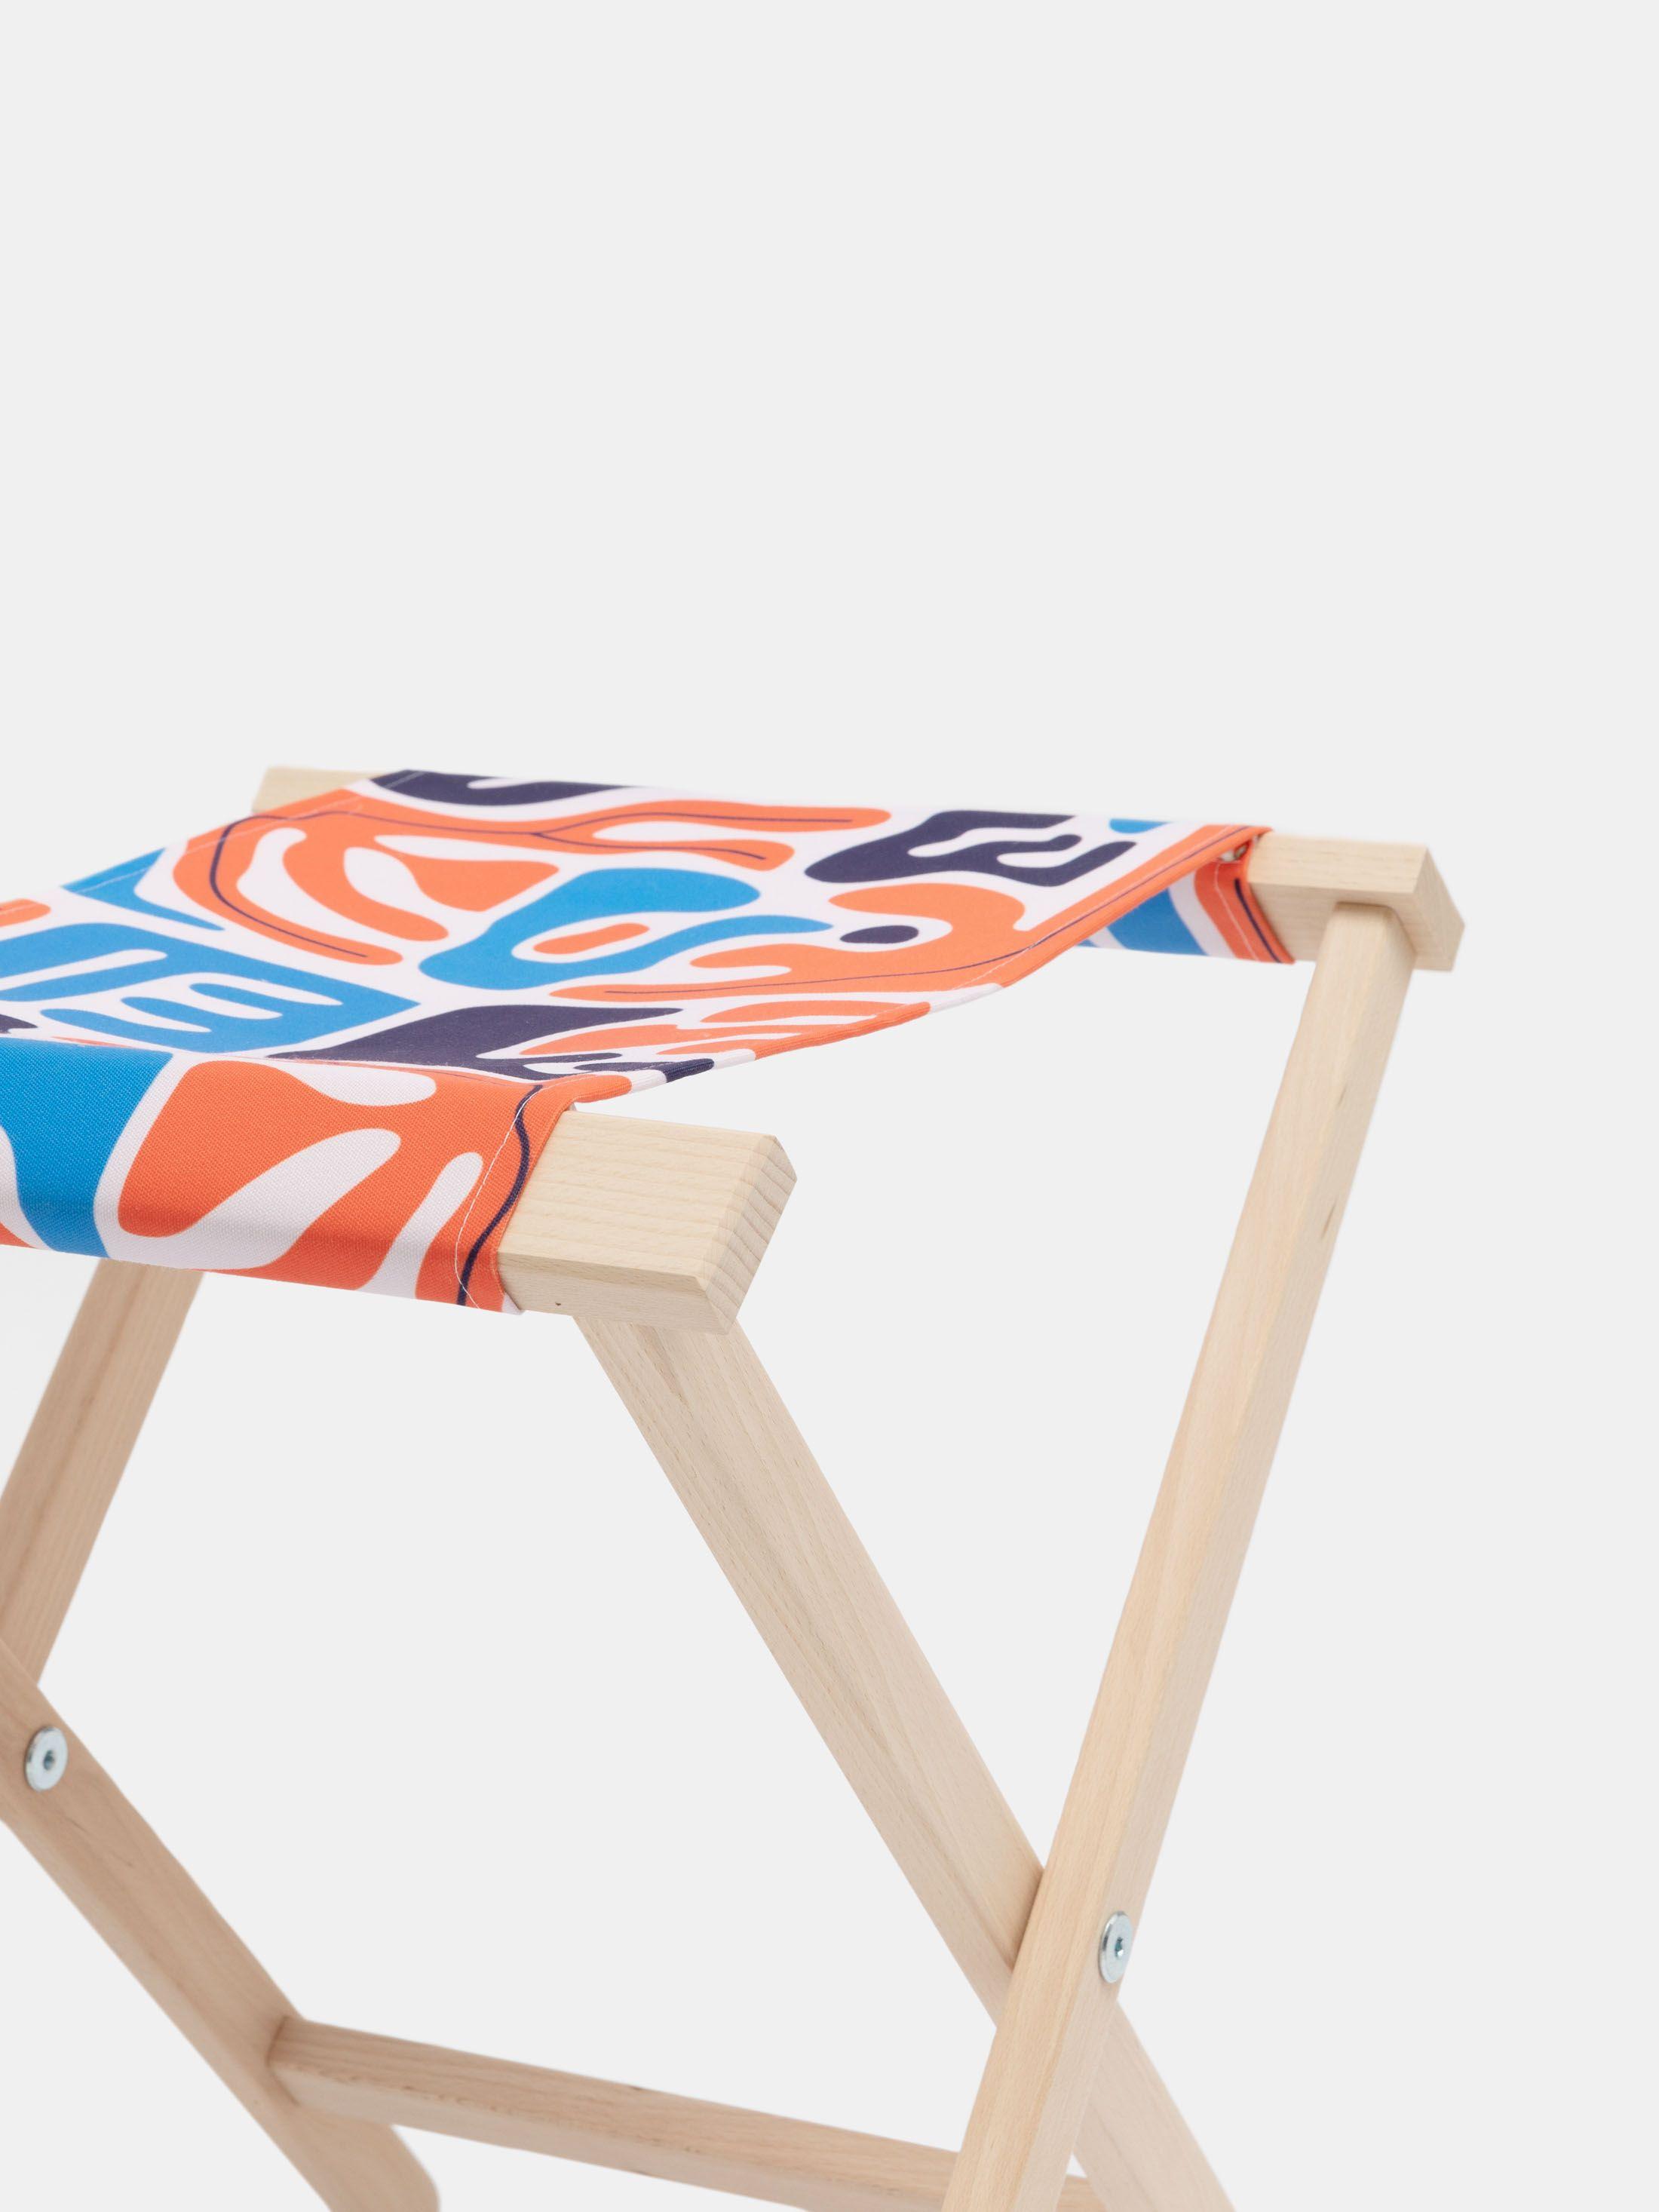 chaise pliante personnalisable, version pliée